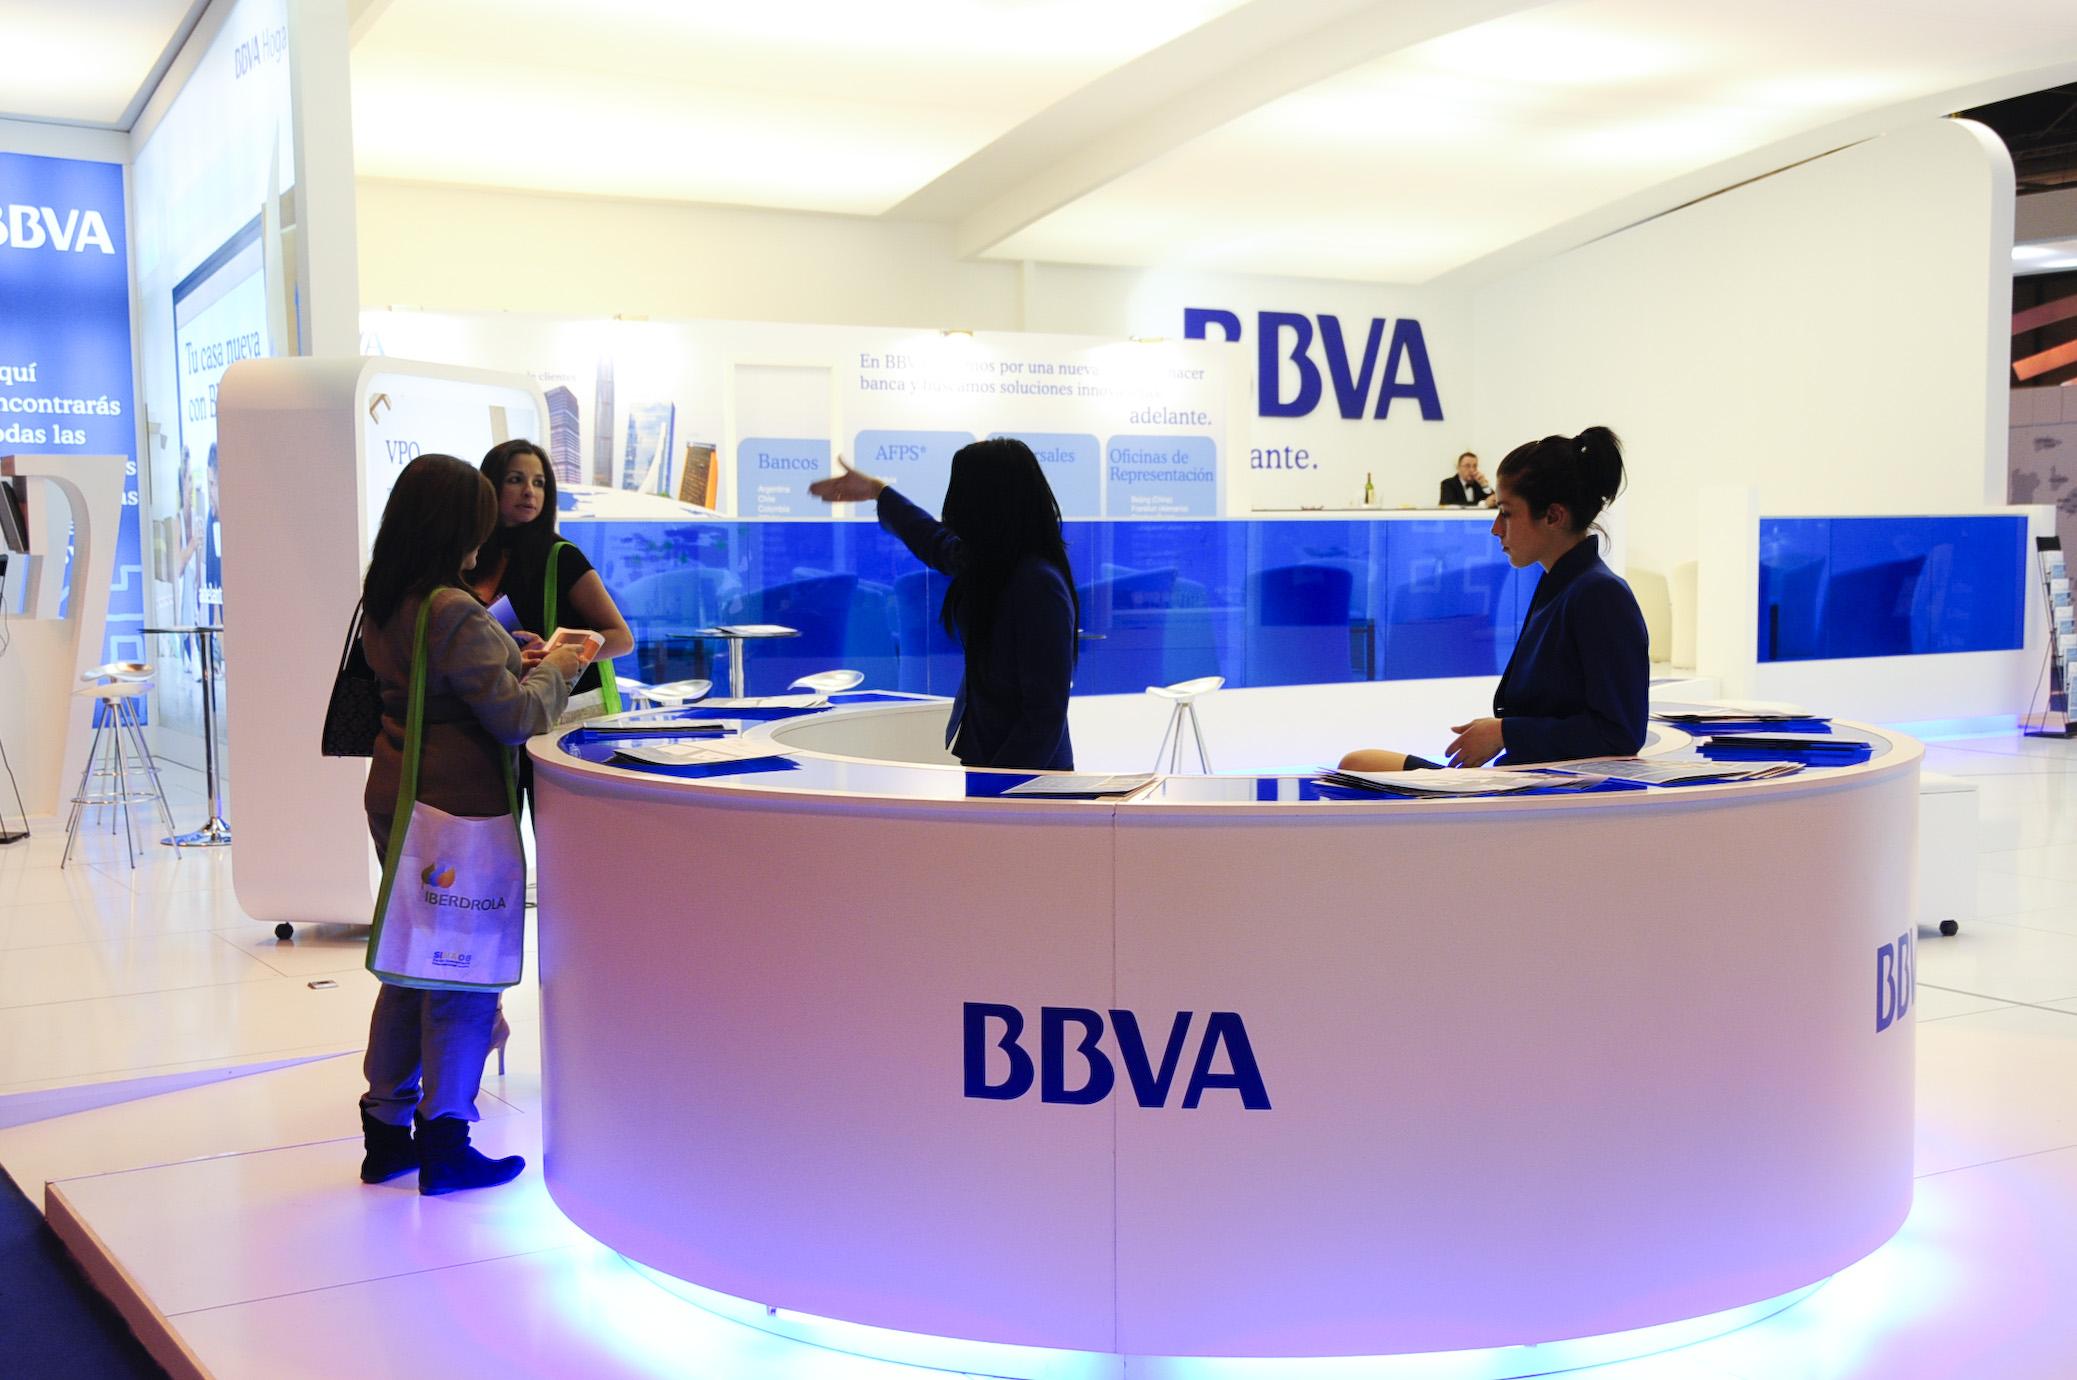 bbva quiere acelerar la rebaja de precios